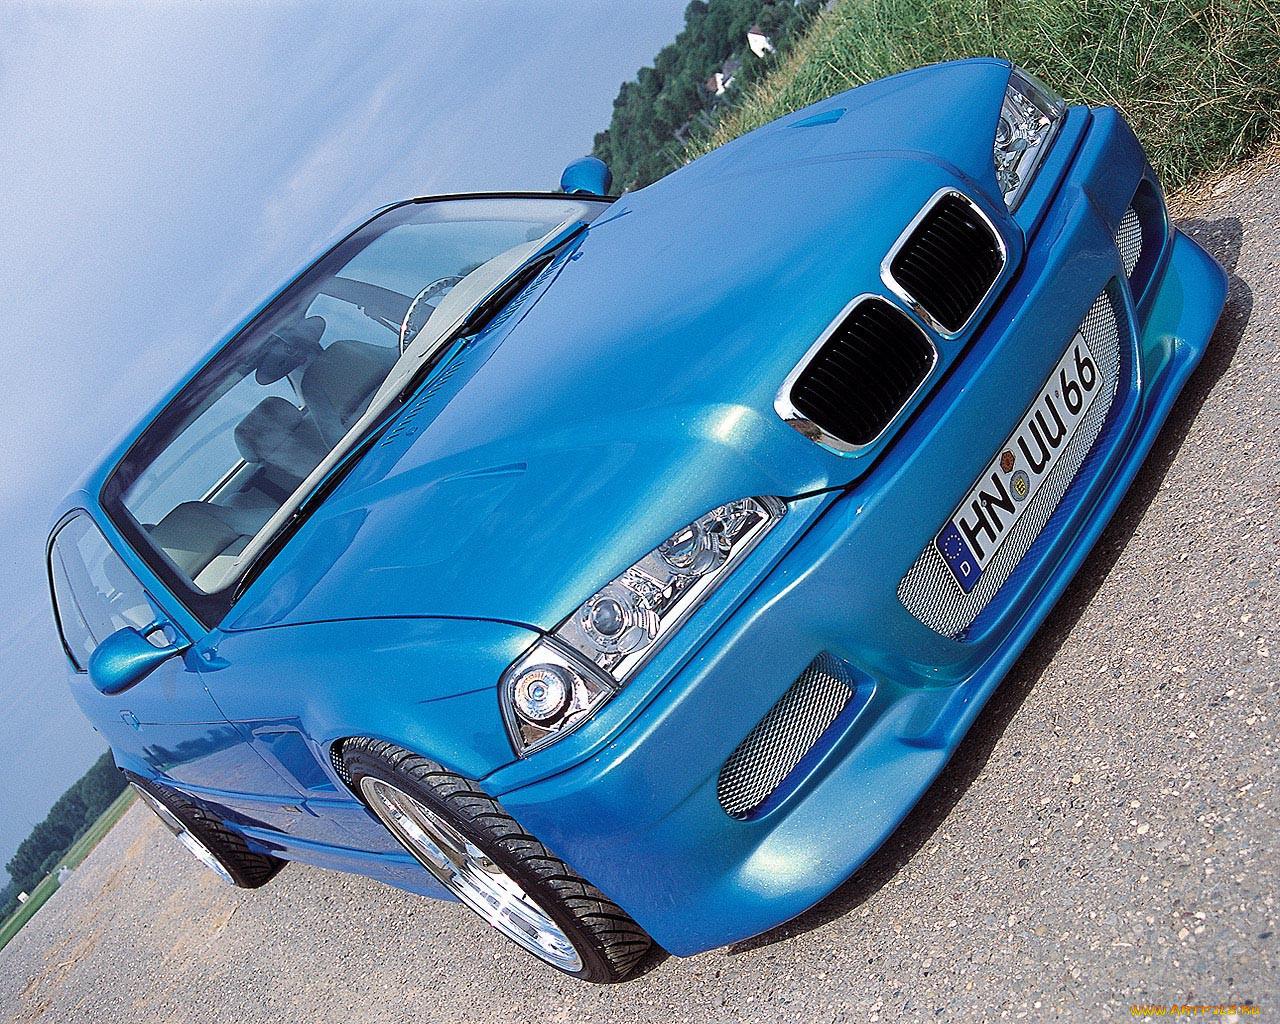 Обои bmw e36 tuning BMW, обои для рабочего стола bmw e36 tuning BMW, фотографии Обои для рабочего стола, скачать обои картинки з